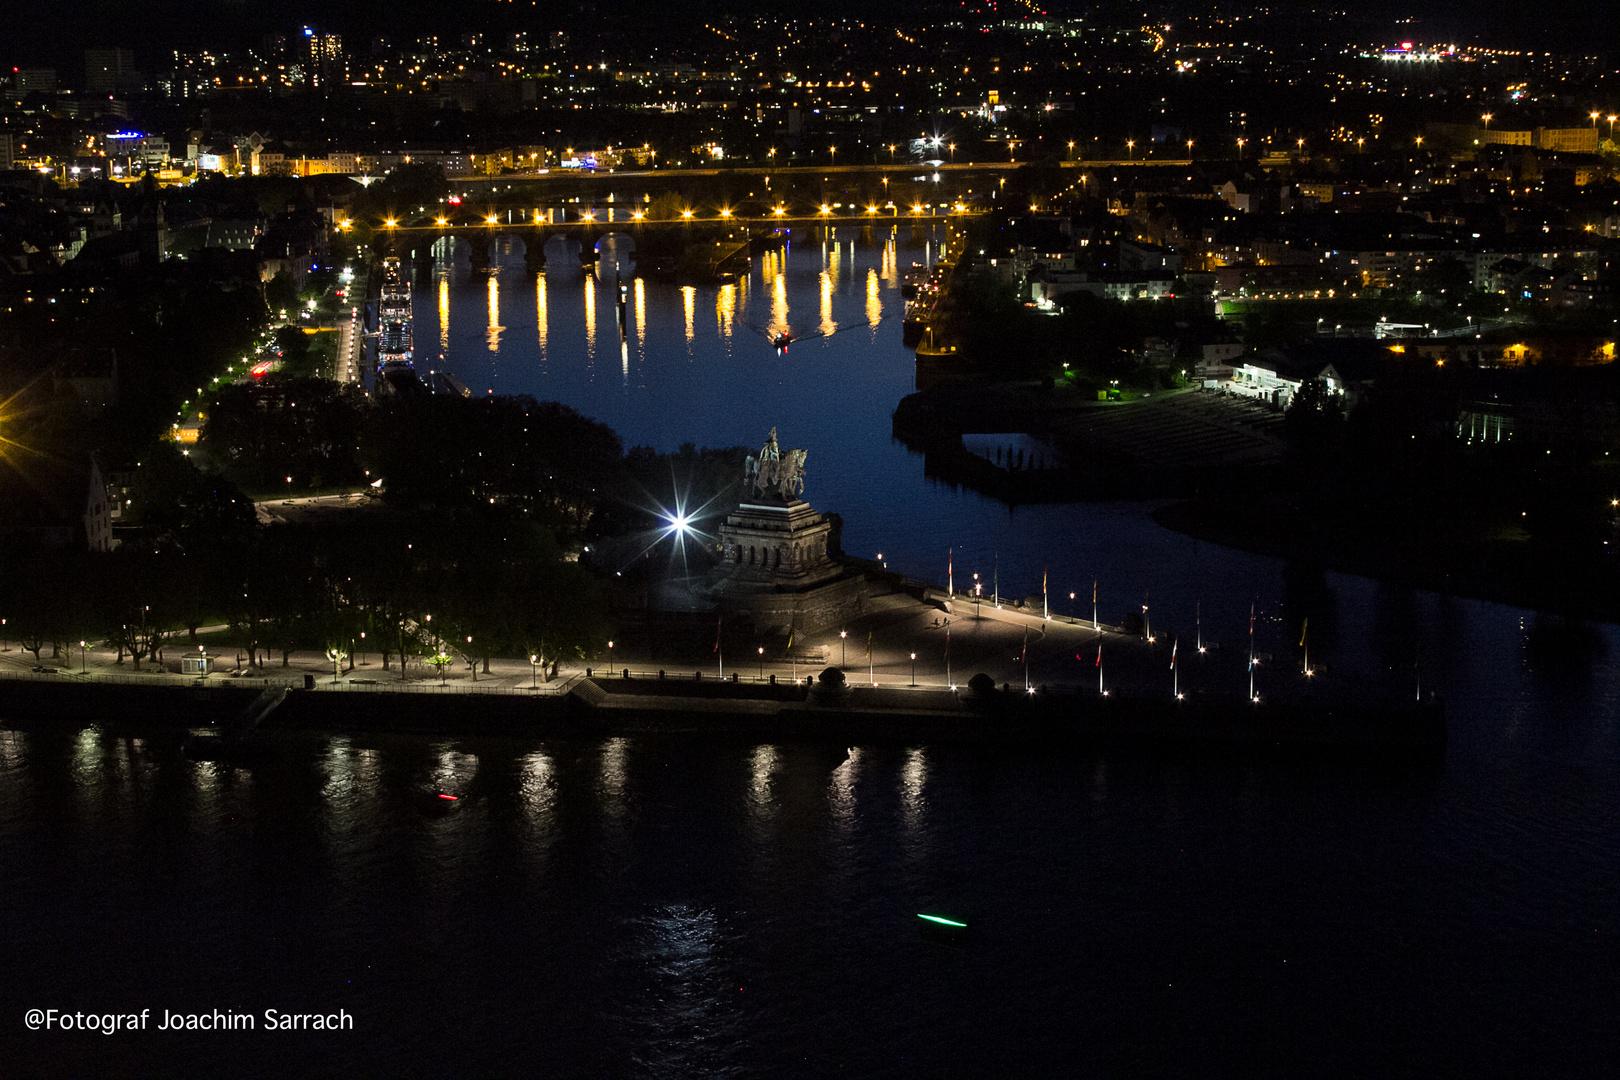 Festungsleuchten Koblenz